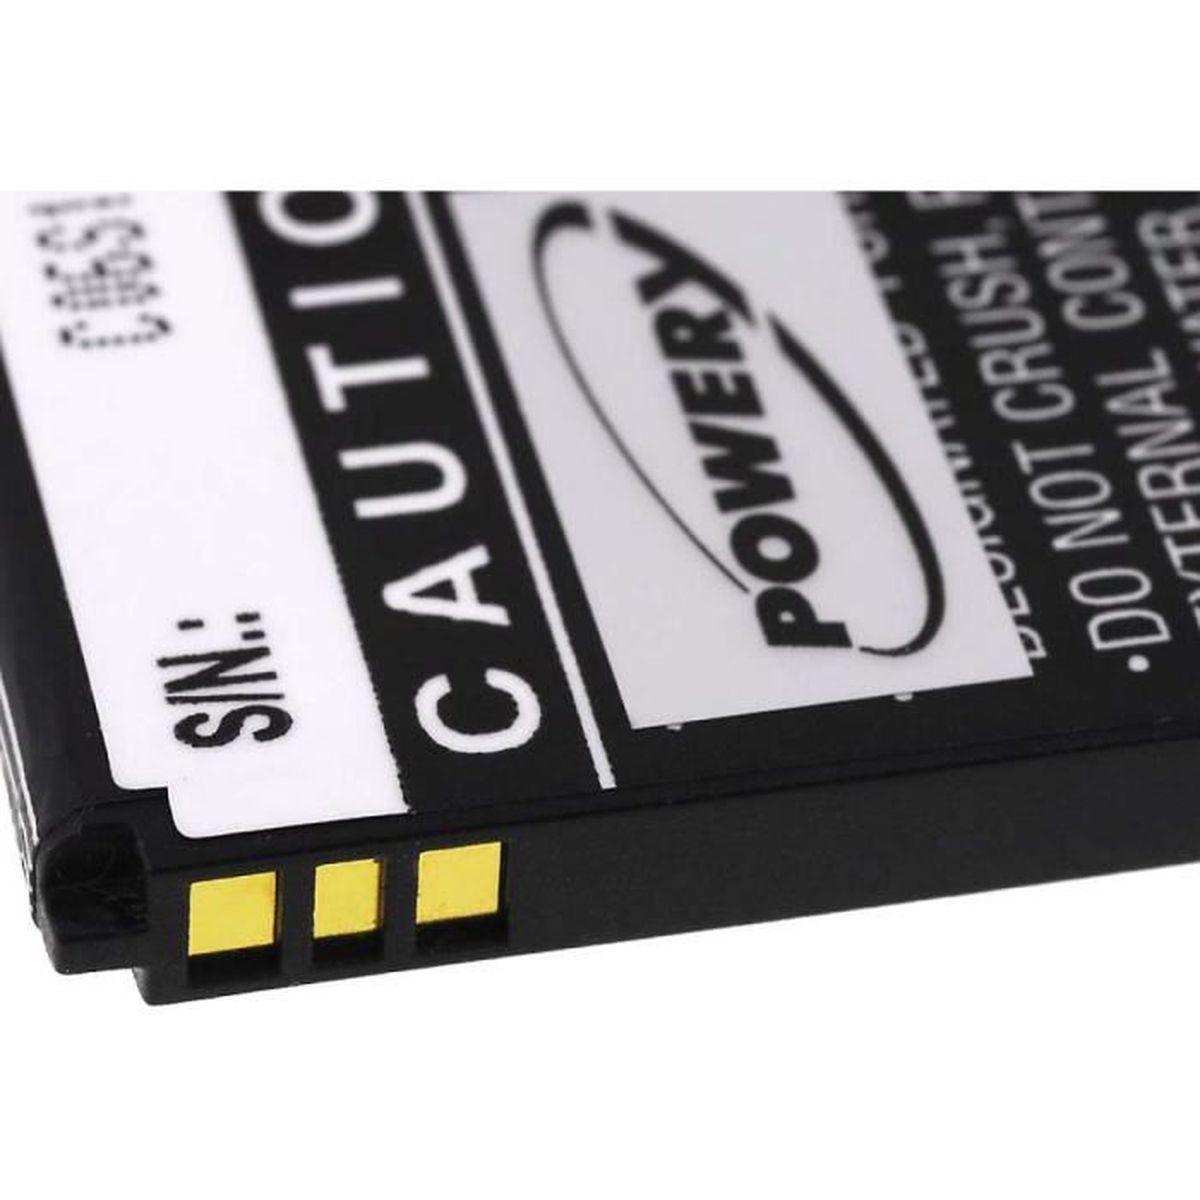 MODEM - ROUTEUR Batterie pour Huawei E5832 3,7V 1500mAh-5,6Wh Li-I